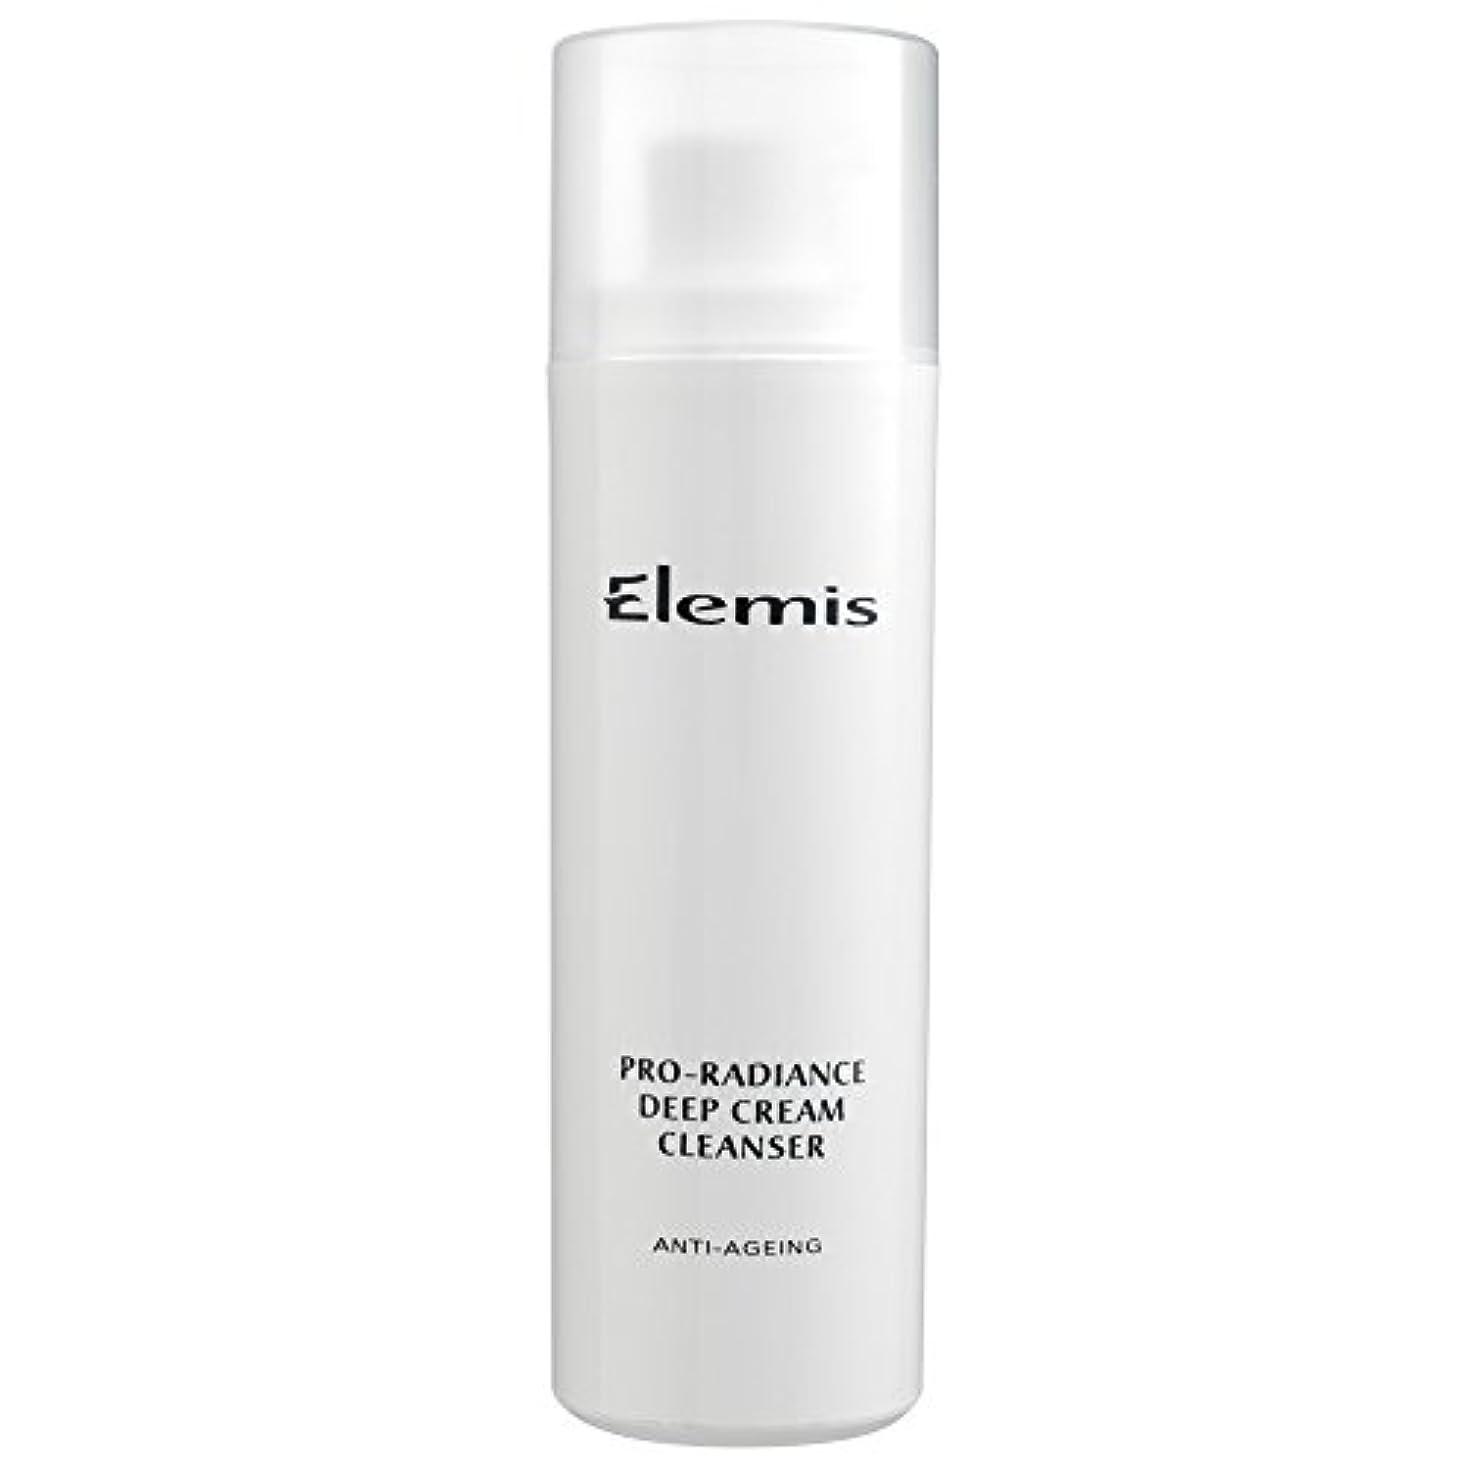 オーバーヘッド拮抗する春エレミスプロ輝きクリームクレンザー、150ミリリットル (Elemis) (x6) - Elemis Pro-Radiance Cream Cleanser, 150ml (Pack of 6) [並行輸入品]